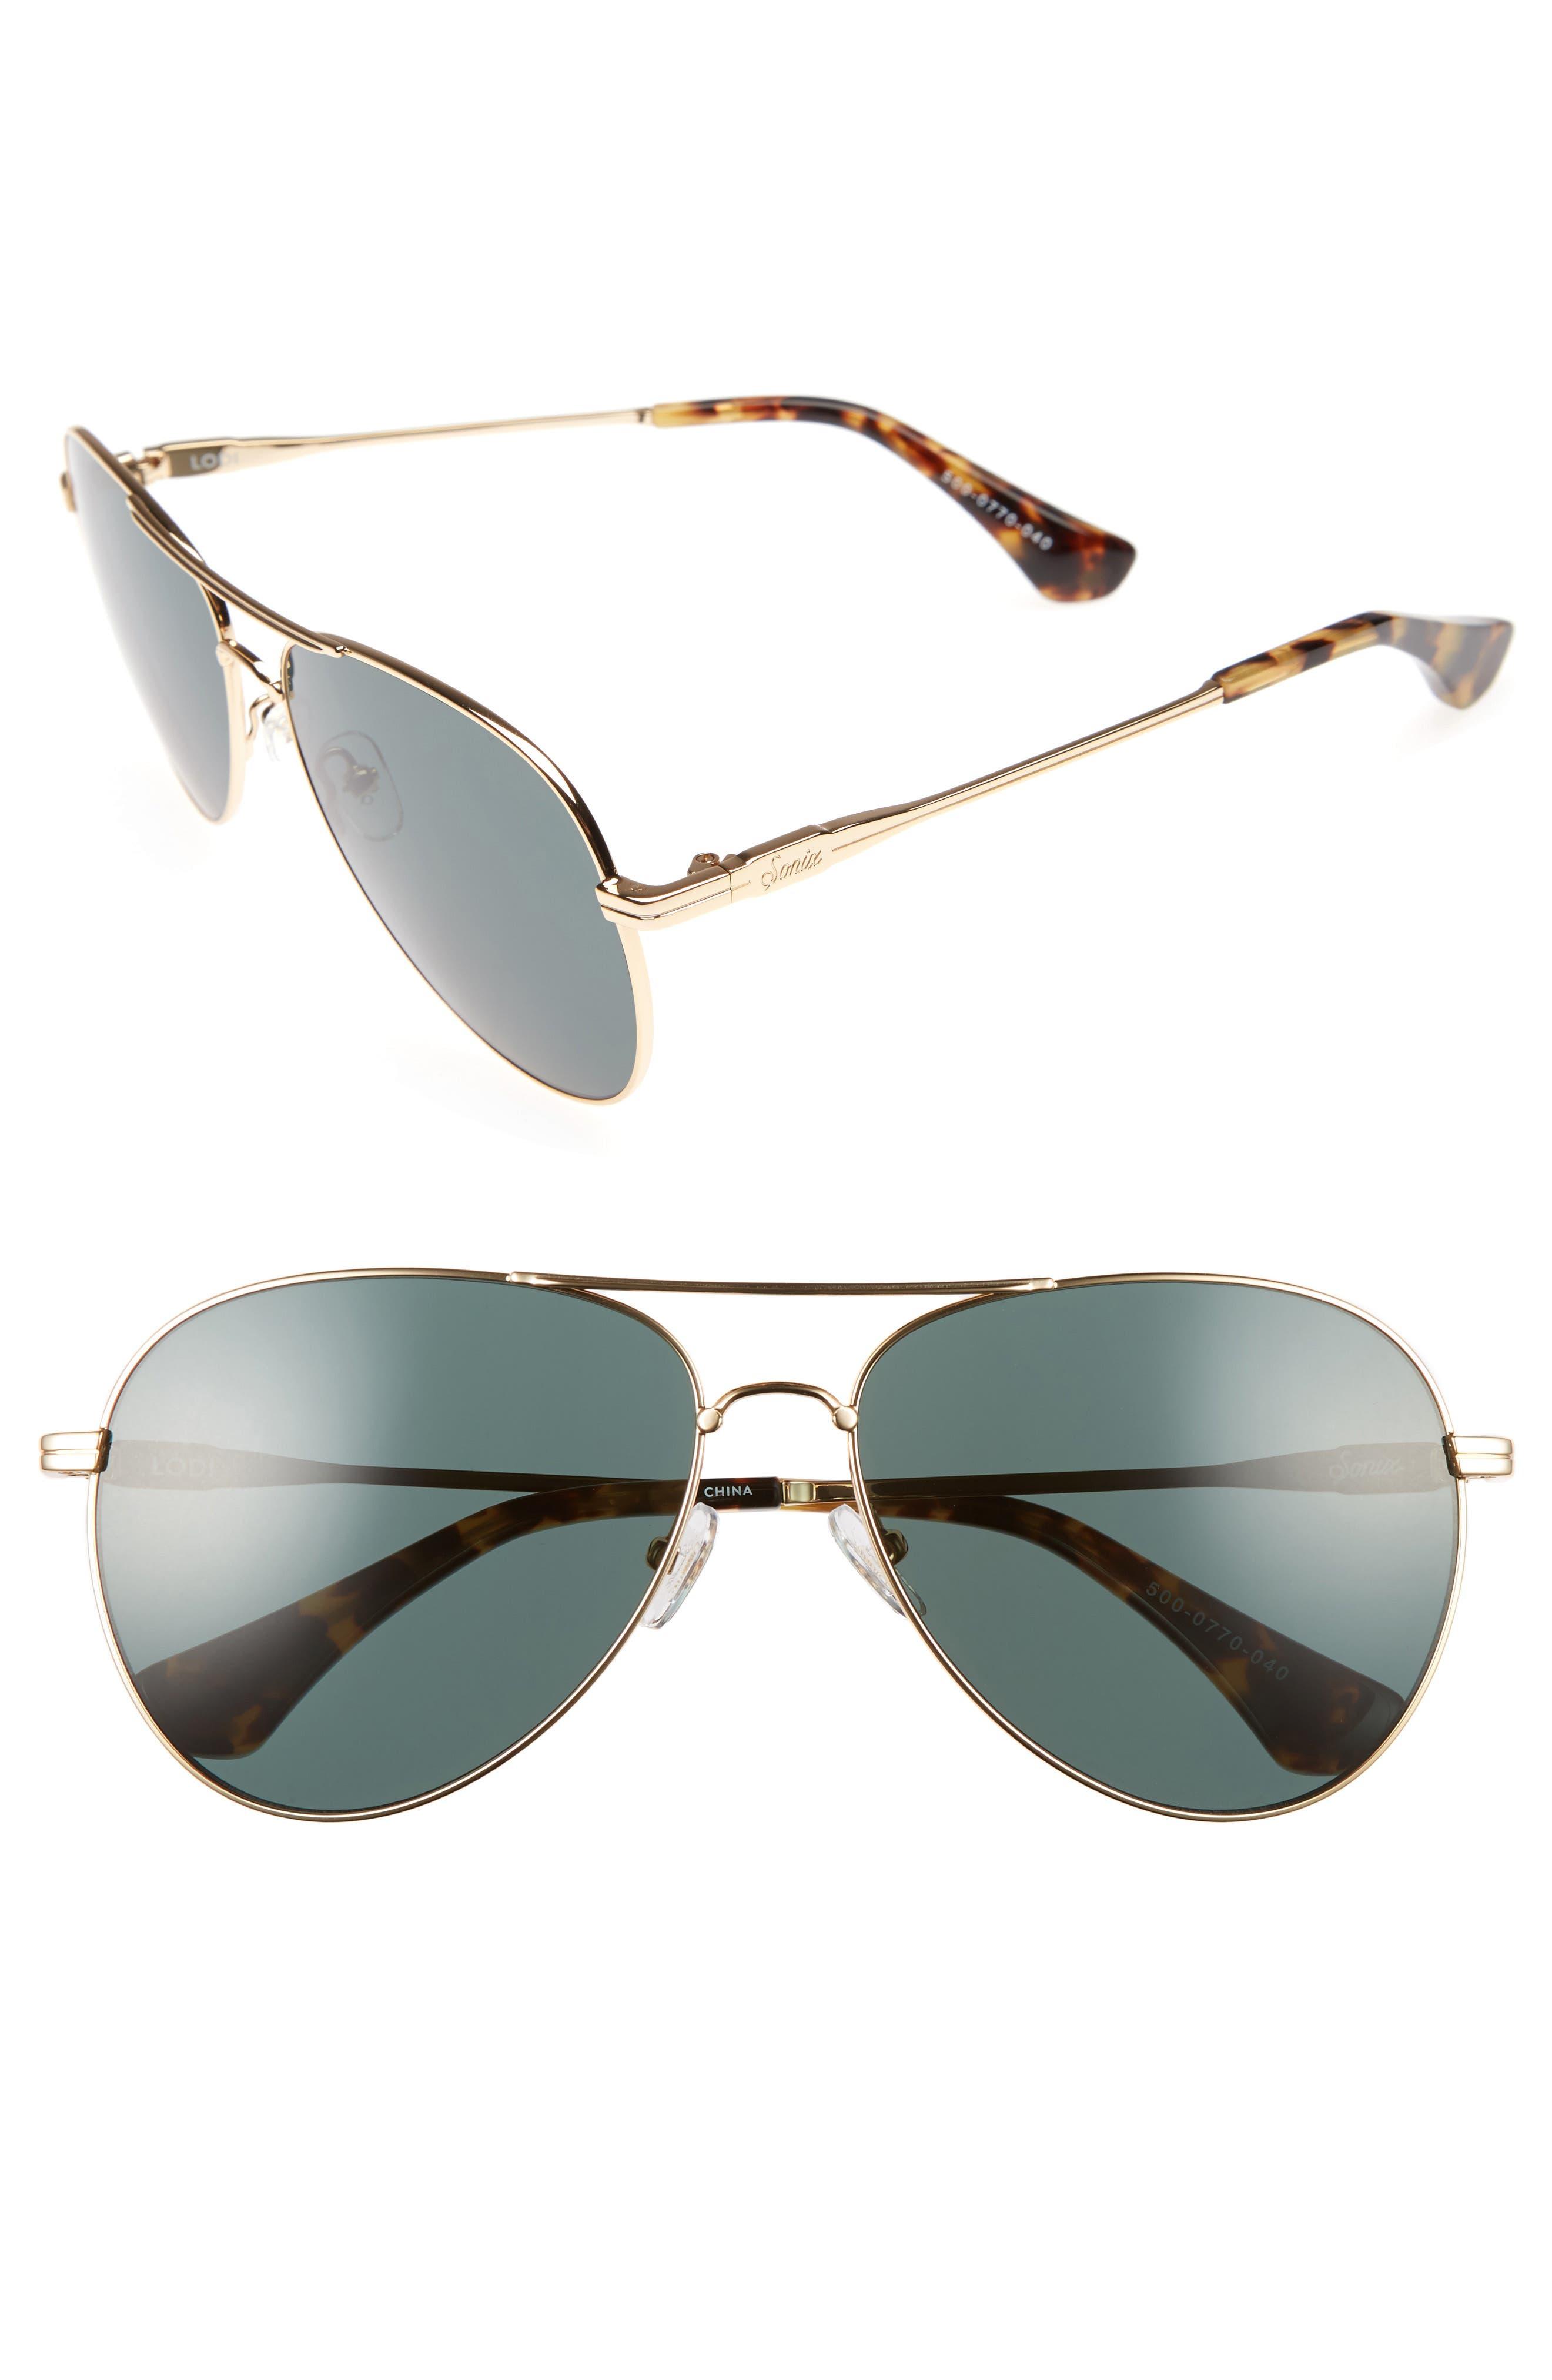 Lodi 62mm Mirrored Aviator Sunglasses,                         Main,                         color, 710